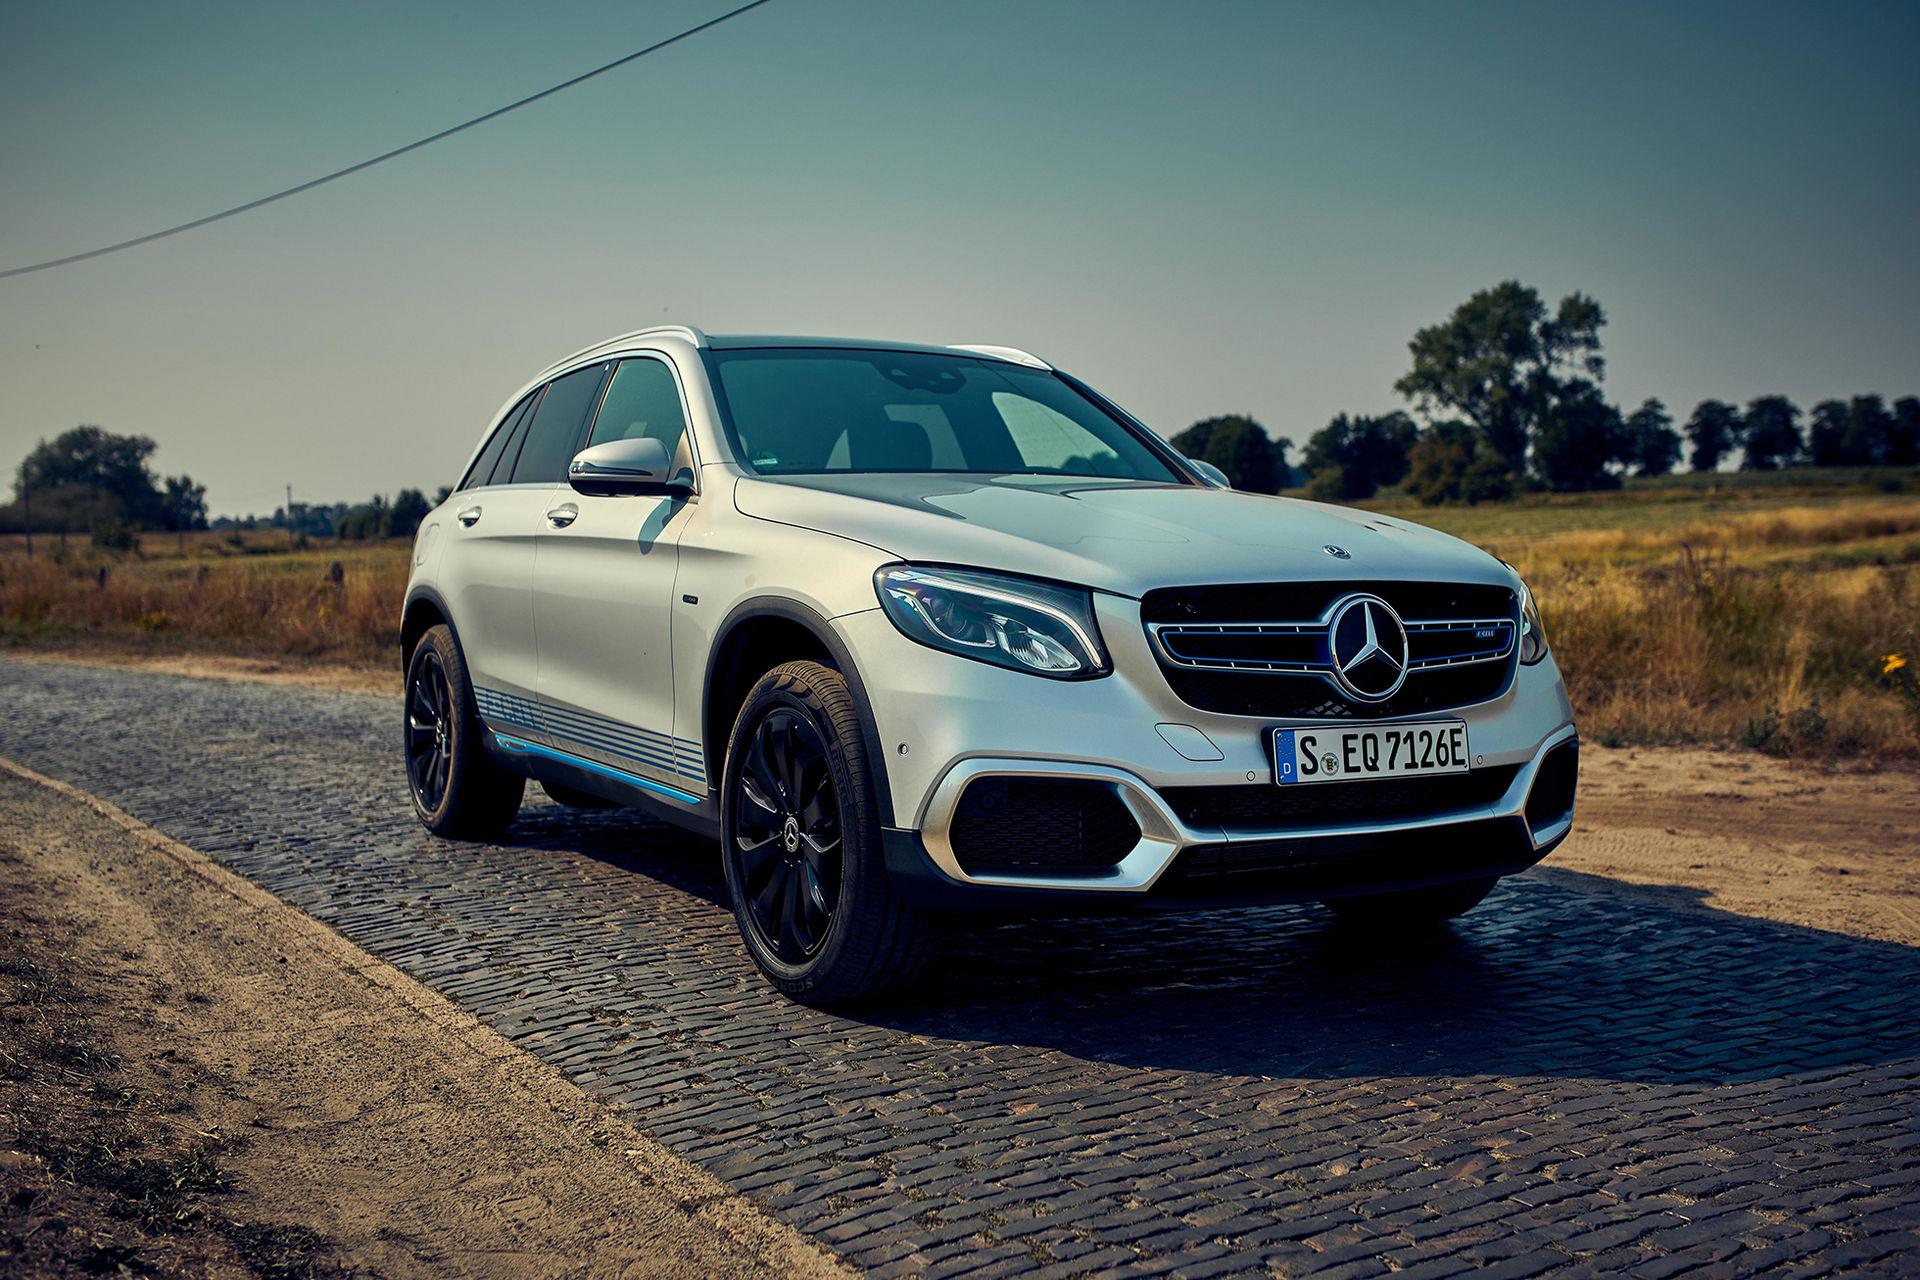 Mercedes GLC F-Cell nu i produktionsutförande